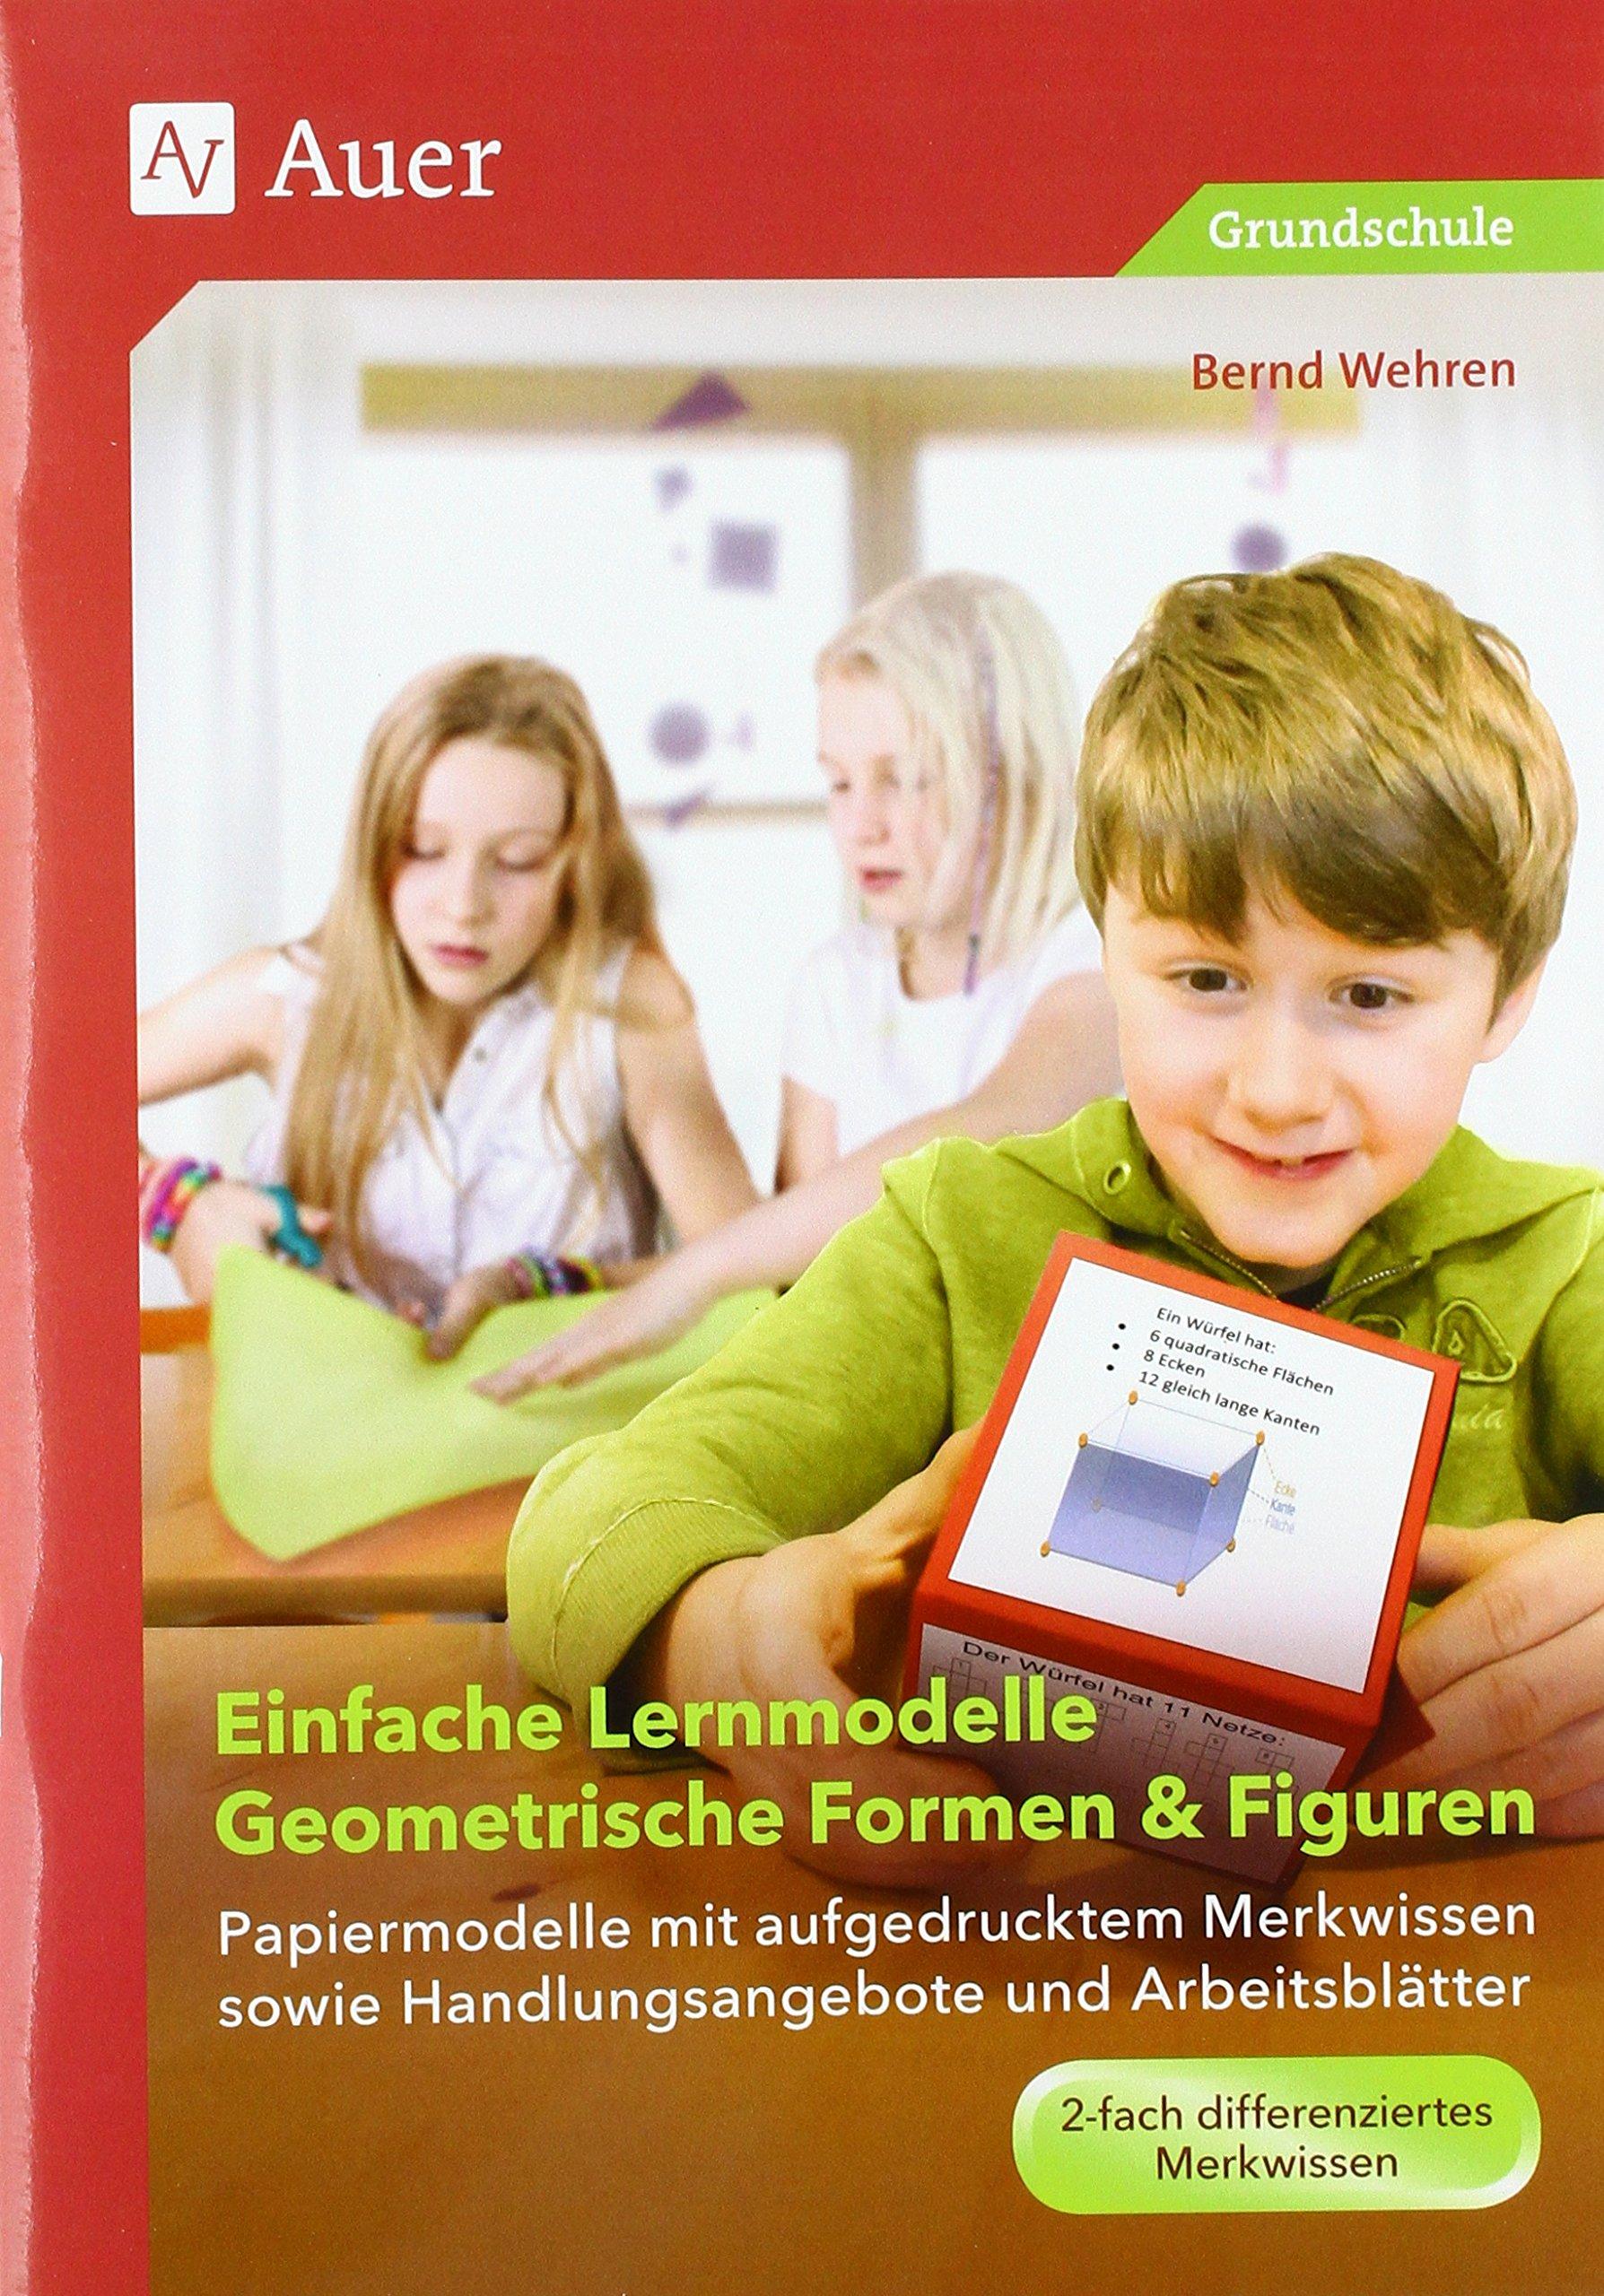 Einfache Lernmodelle Geometrische Formen & Figuren: Papiermodelle ...